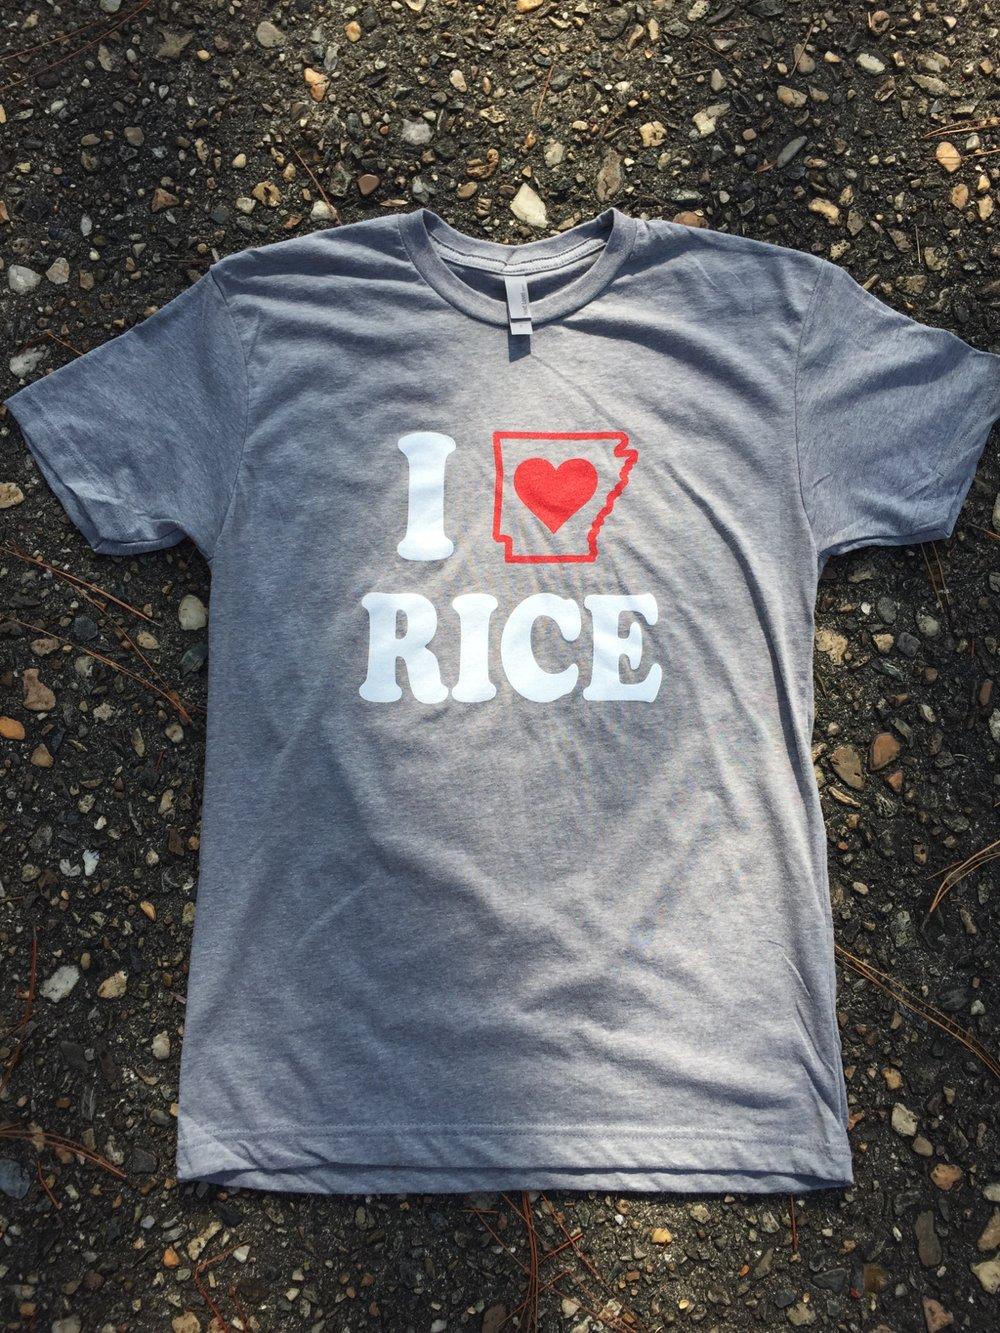 T-Shirt - I LOVE Arkansas Rice